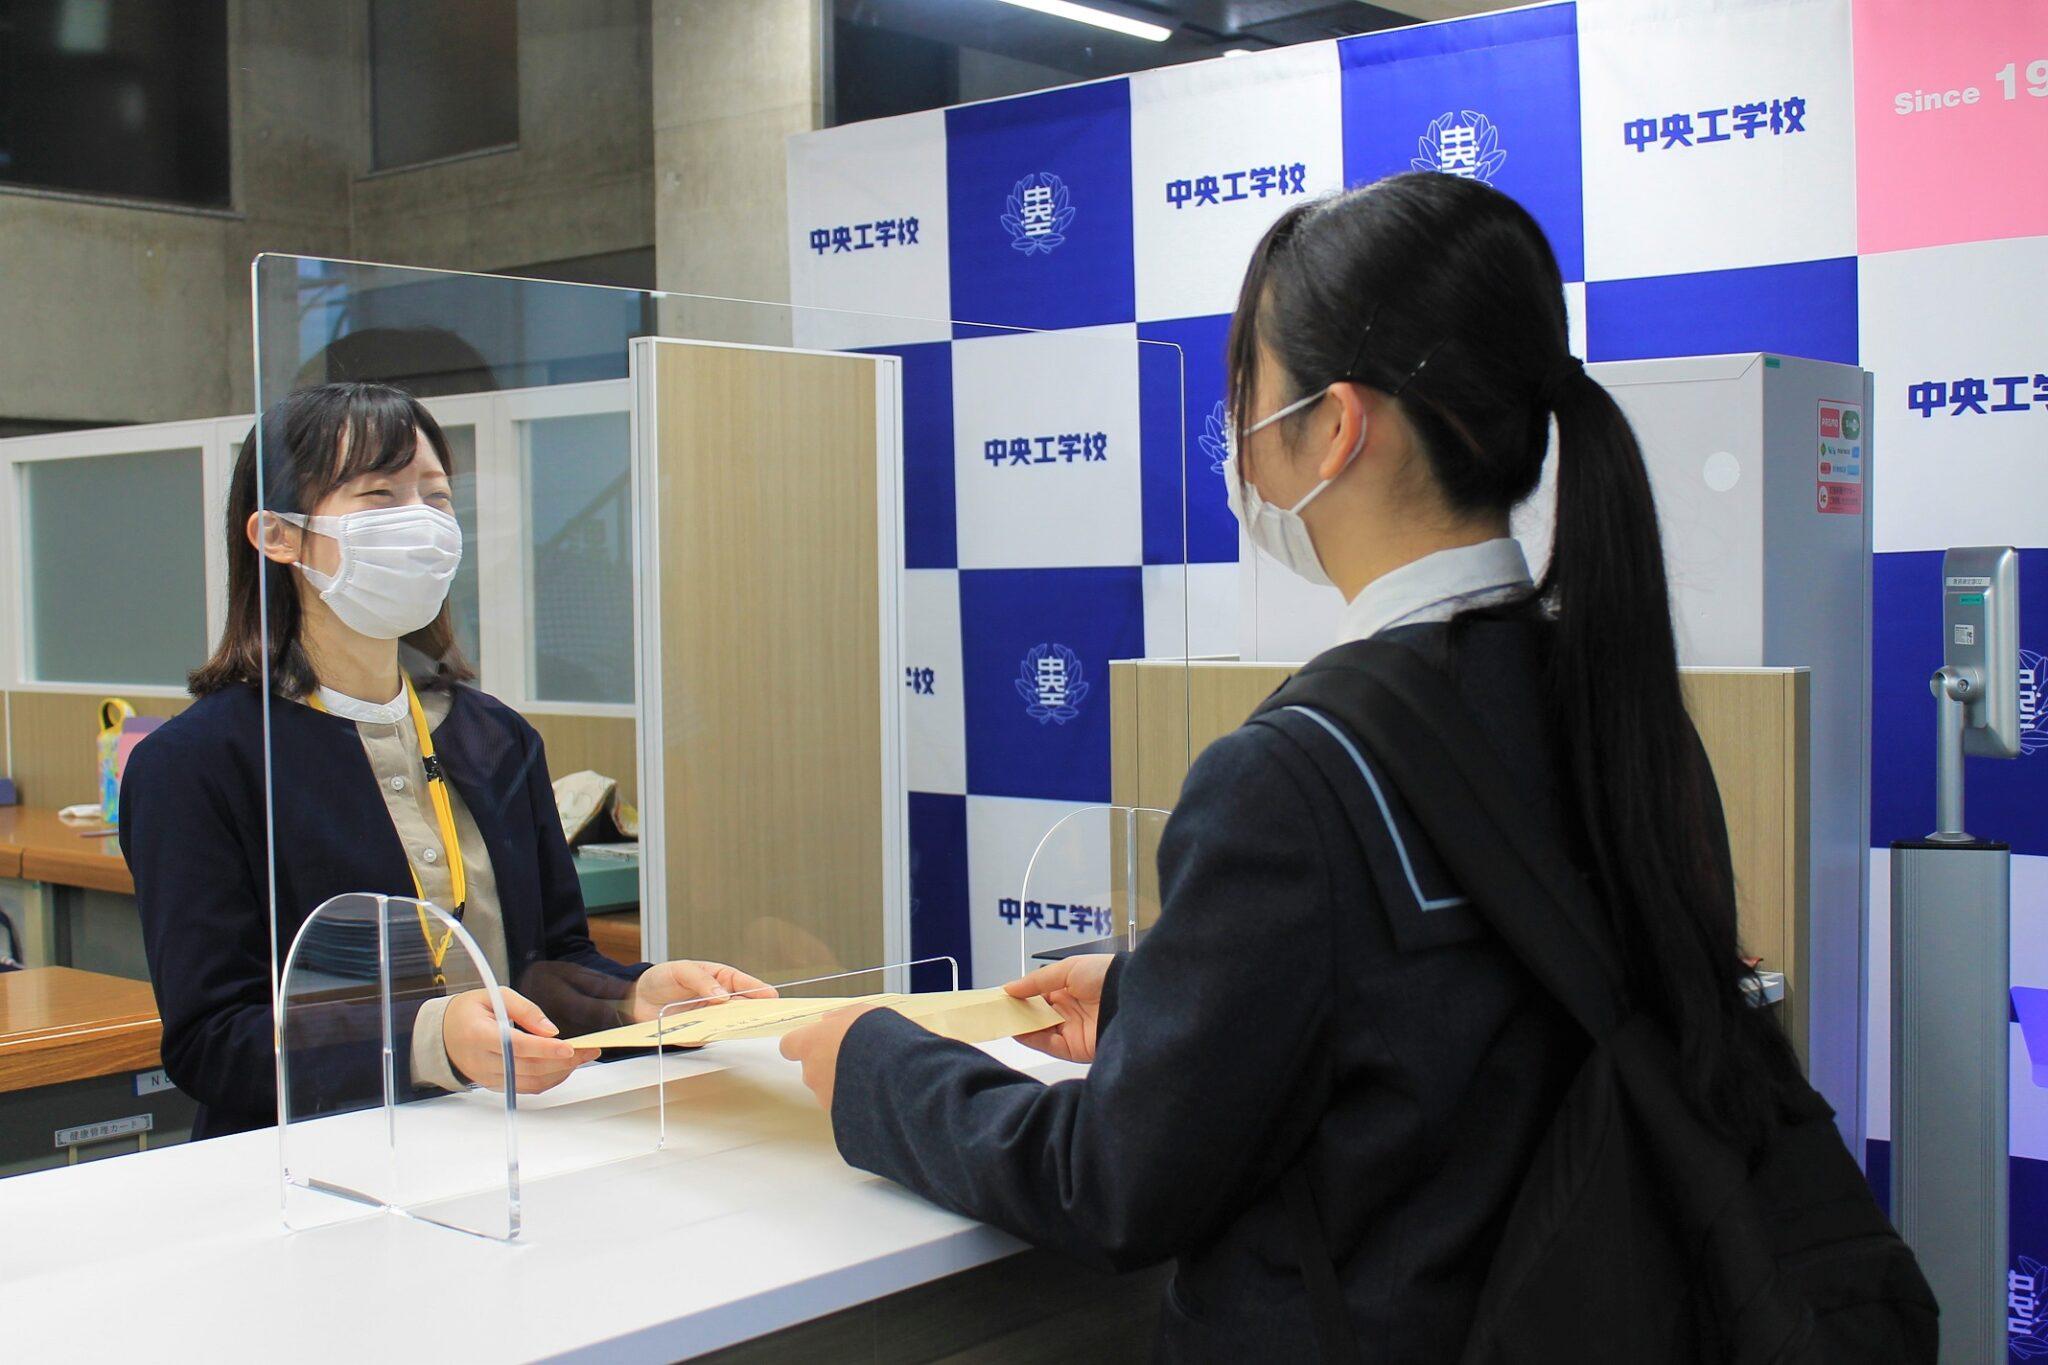 推薦入学願書受付開始【中央工学校入学相談室】